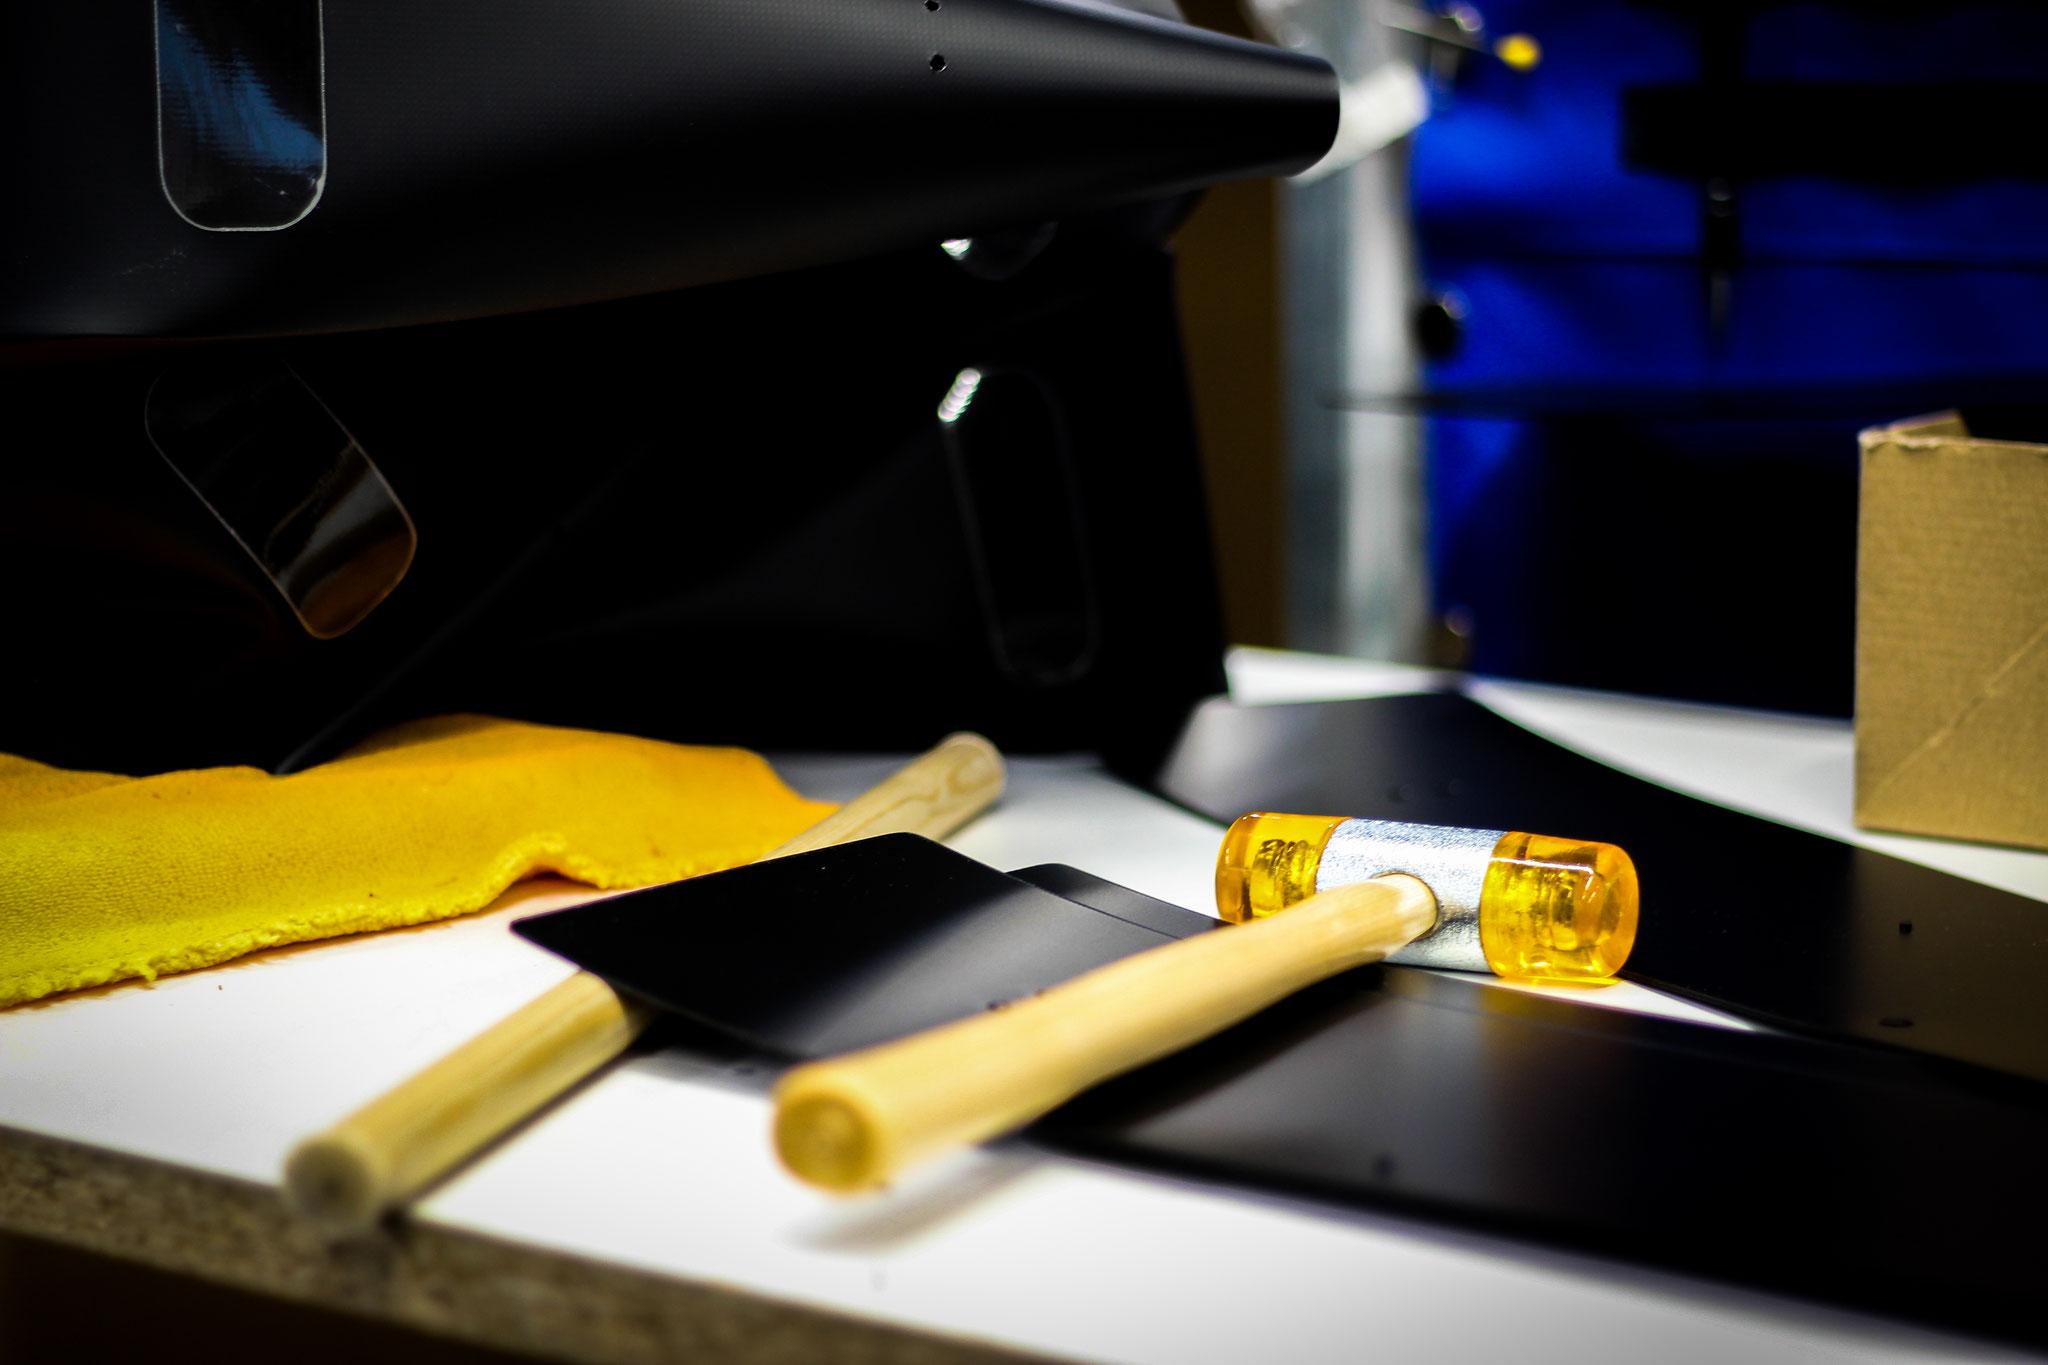 Zum Schluss wird die Tasche komplettiert: Reflektoren, Schnallen, Taschenboden, Füße und Adapter - all diese Sicherheits- und Komfortfeatures machen die Tasche zum beliebten und praktischen Produkt.